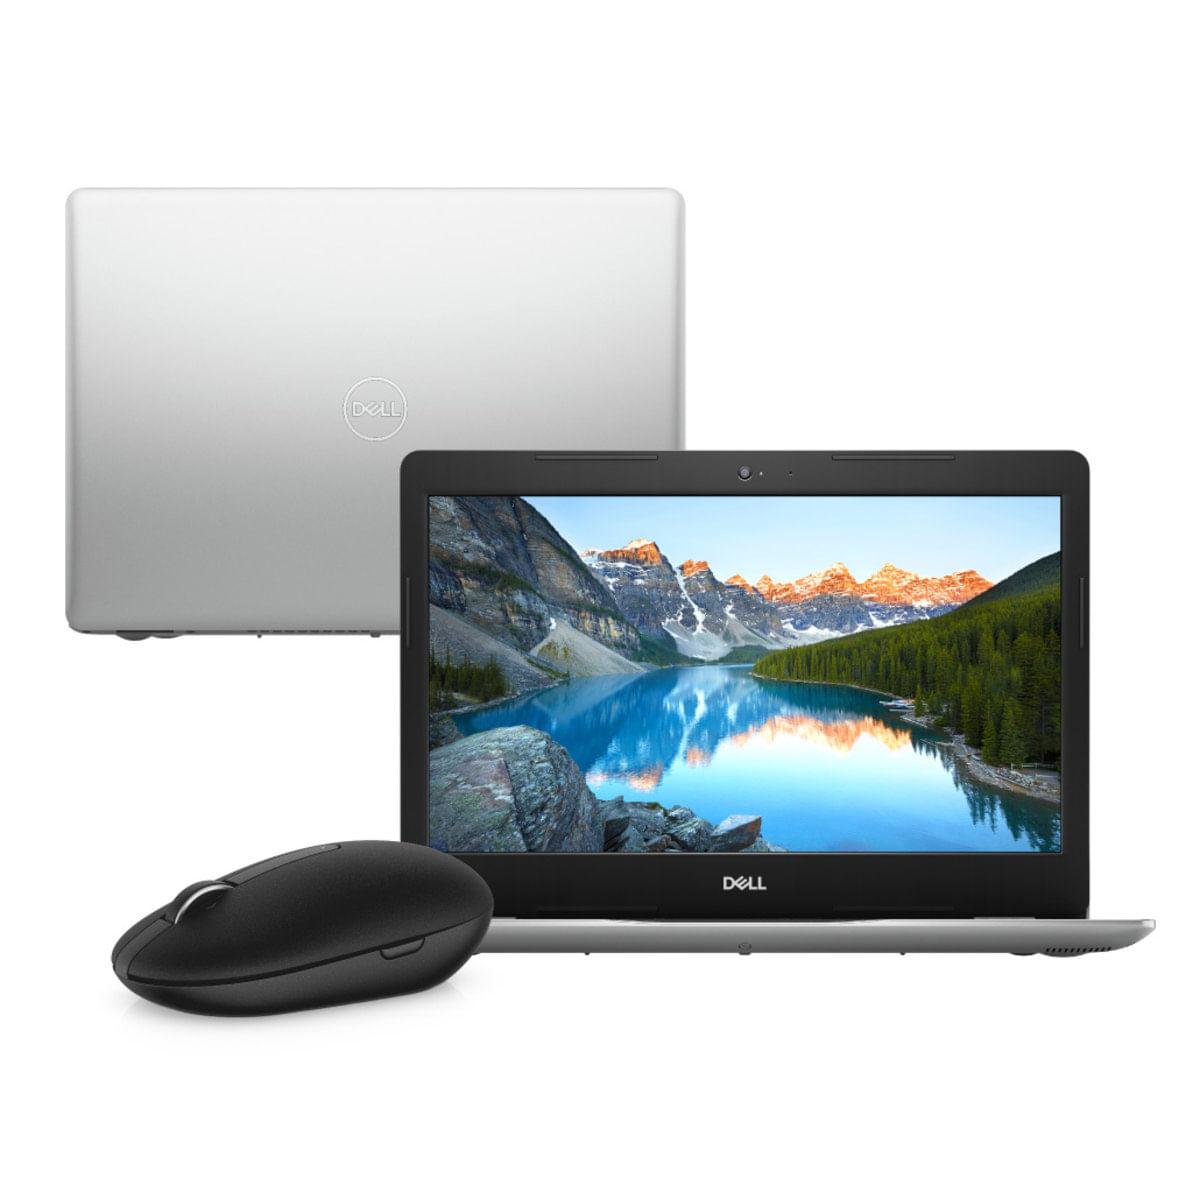 """Notebook - Dell I14-3480-m30m I5-8265u 1.60ghz 4gb 1tb Padrão Intel Hd Graphics 620 Windows 10 Home Inspiron 14"""" Polegadas"""